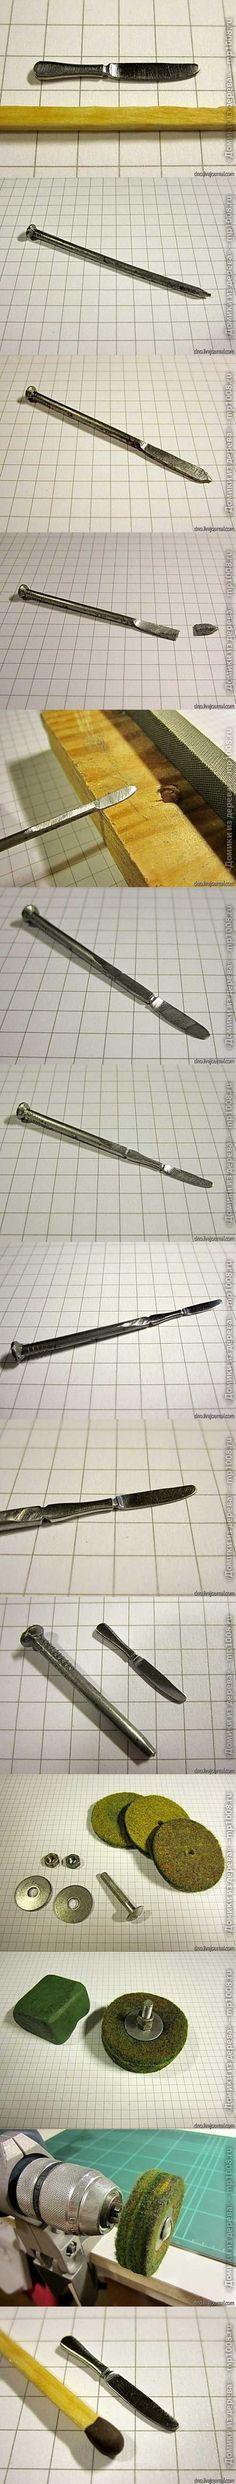 Cómo hacer un cuchillo miniatura con un clavo